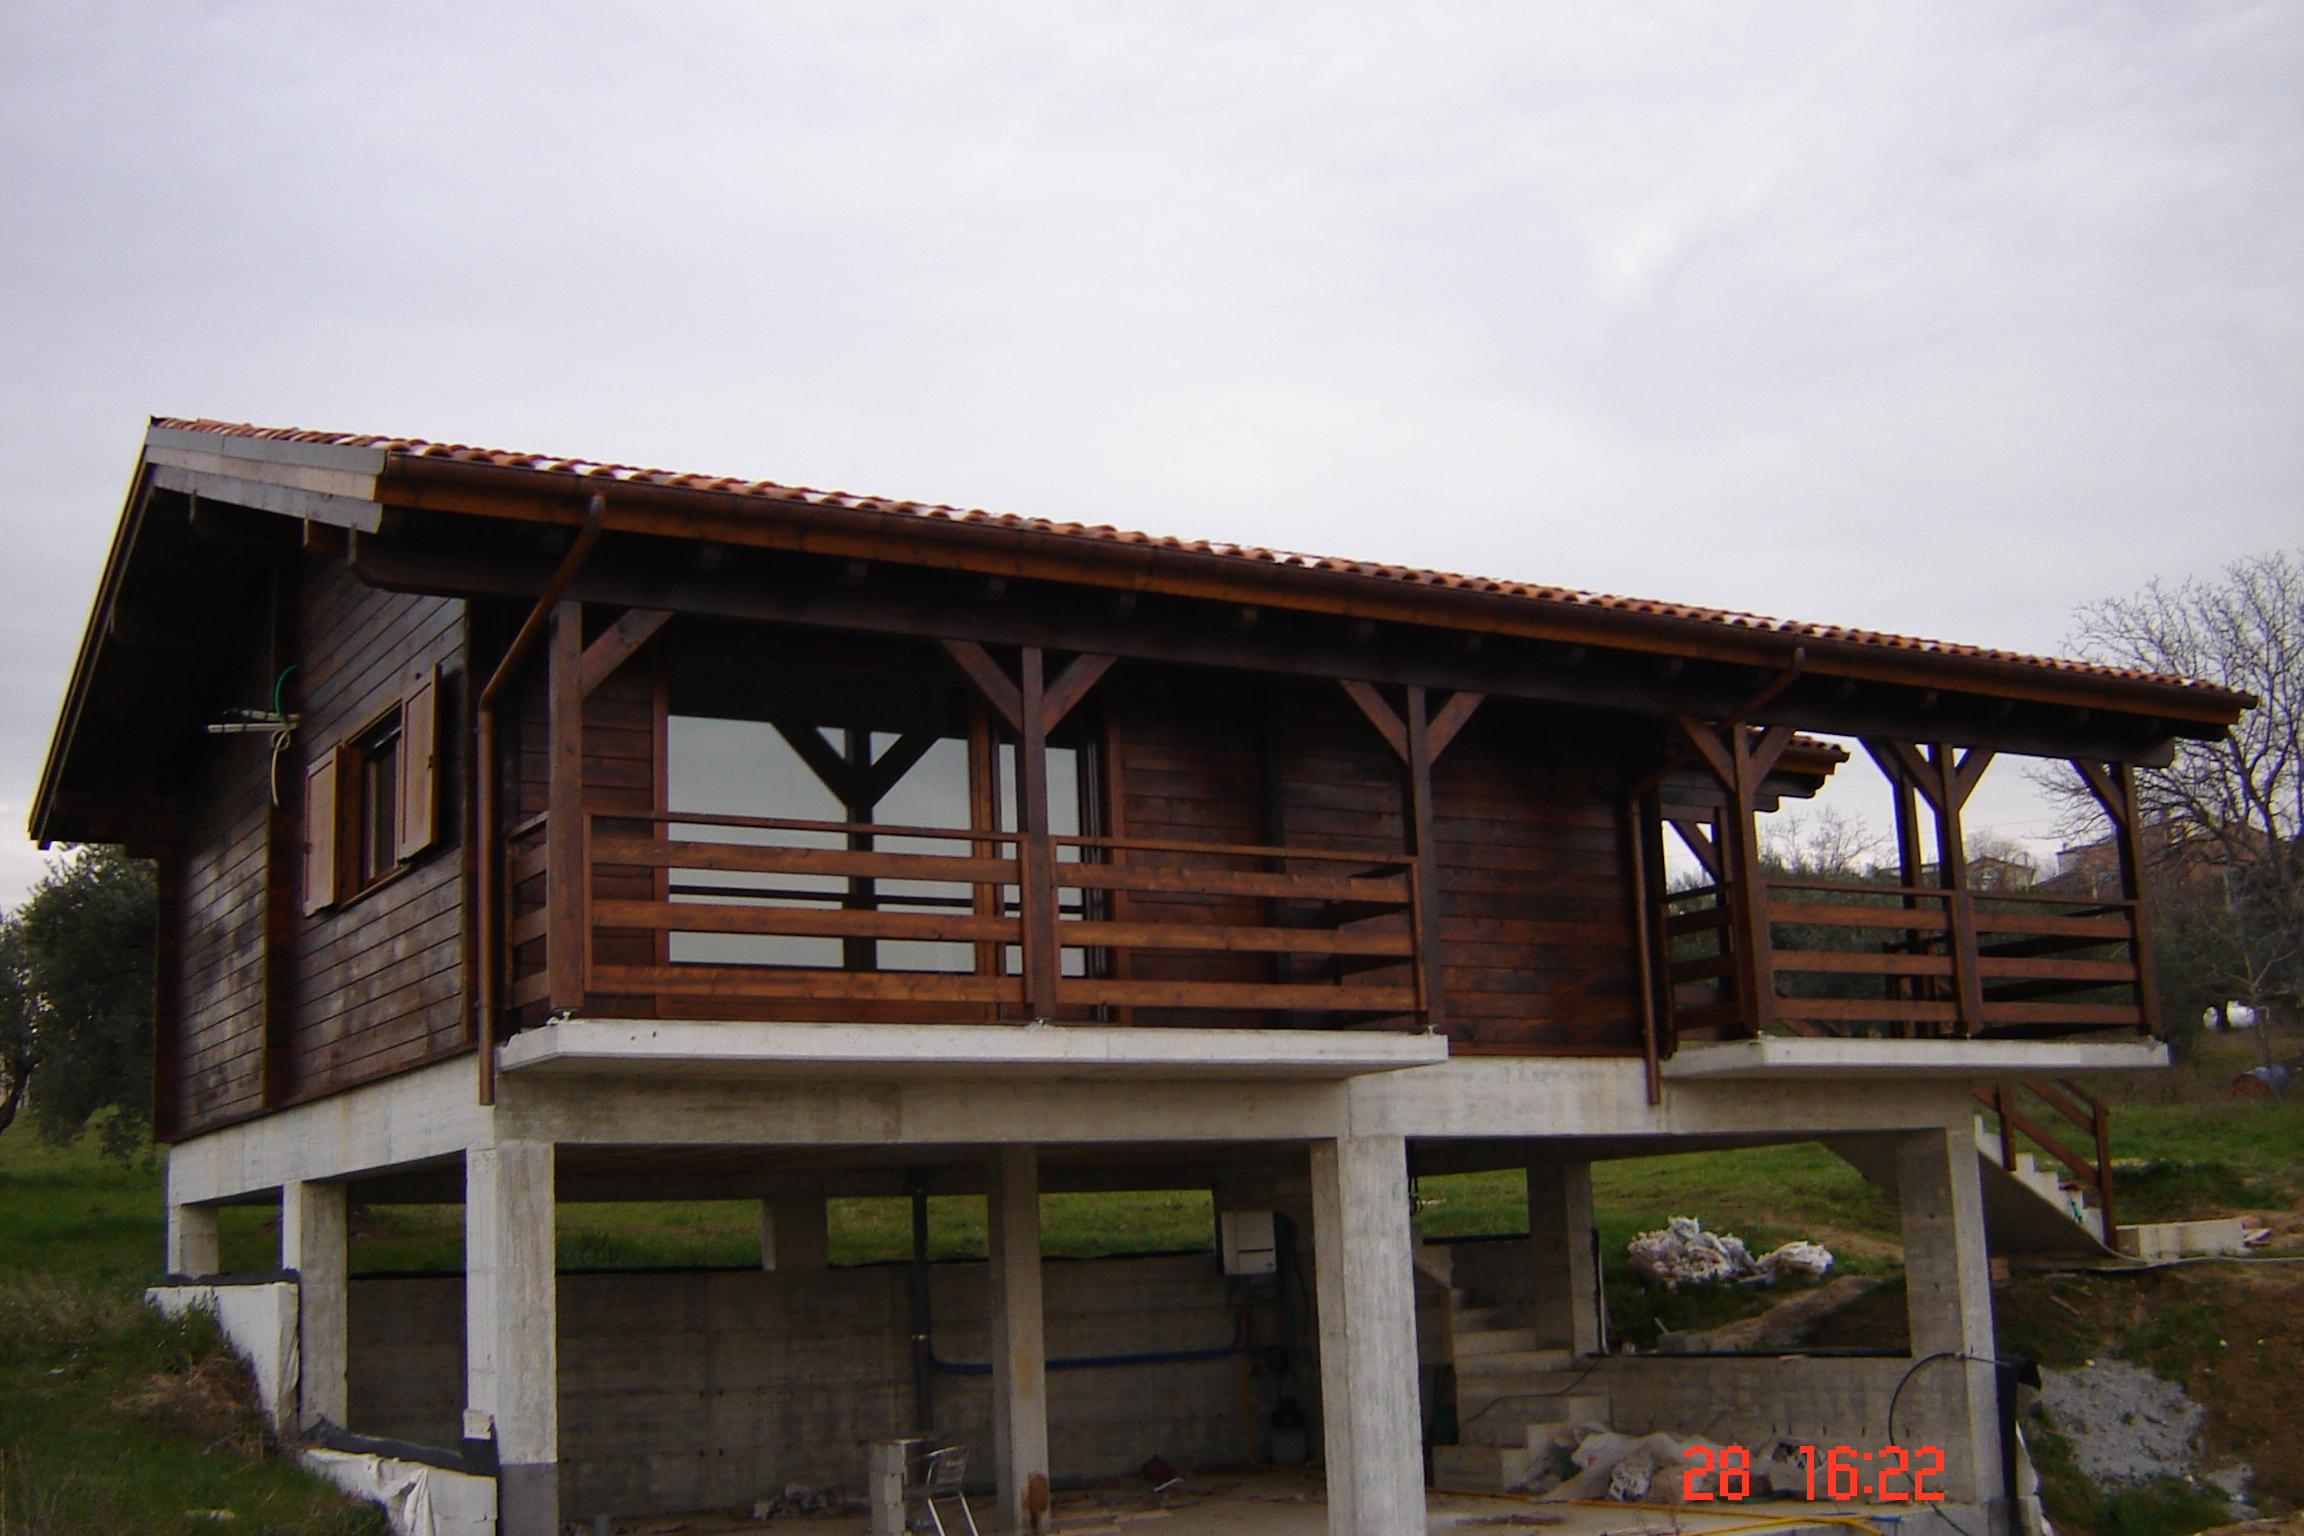 Case in acciaio e legno il sistema steelwood nasce dallu for Case in acciaio e legno